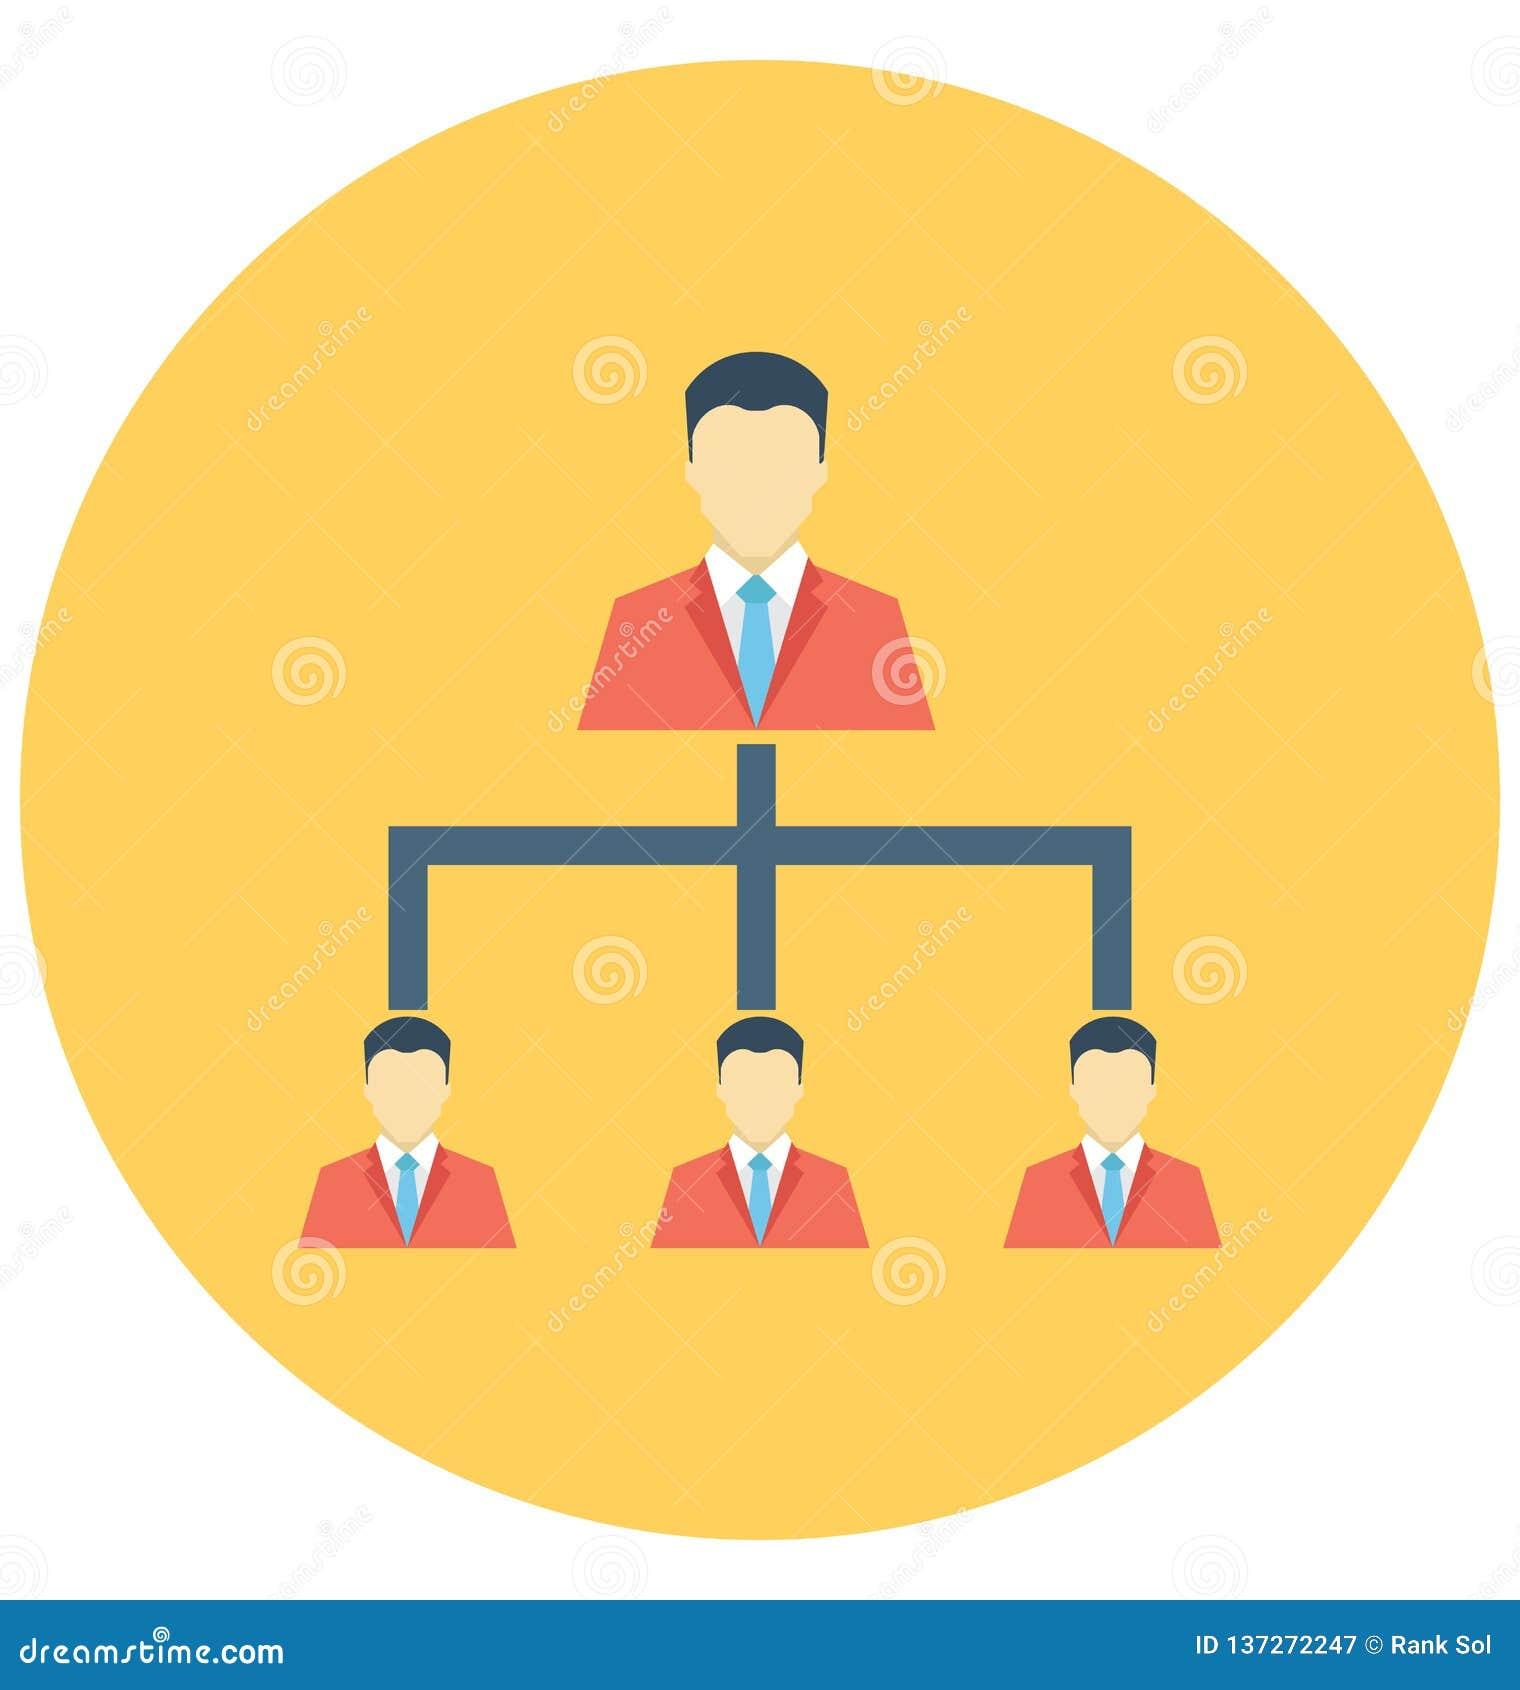 Team Hierarchy, icône de Team Isolated Vector de société qui peut être facilement modifiée ou éditée